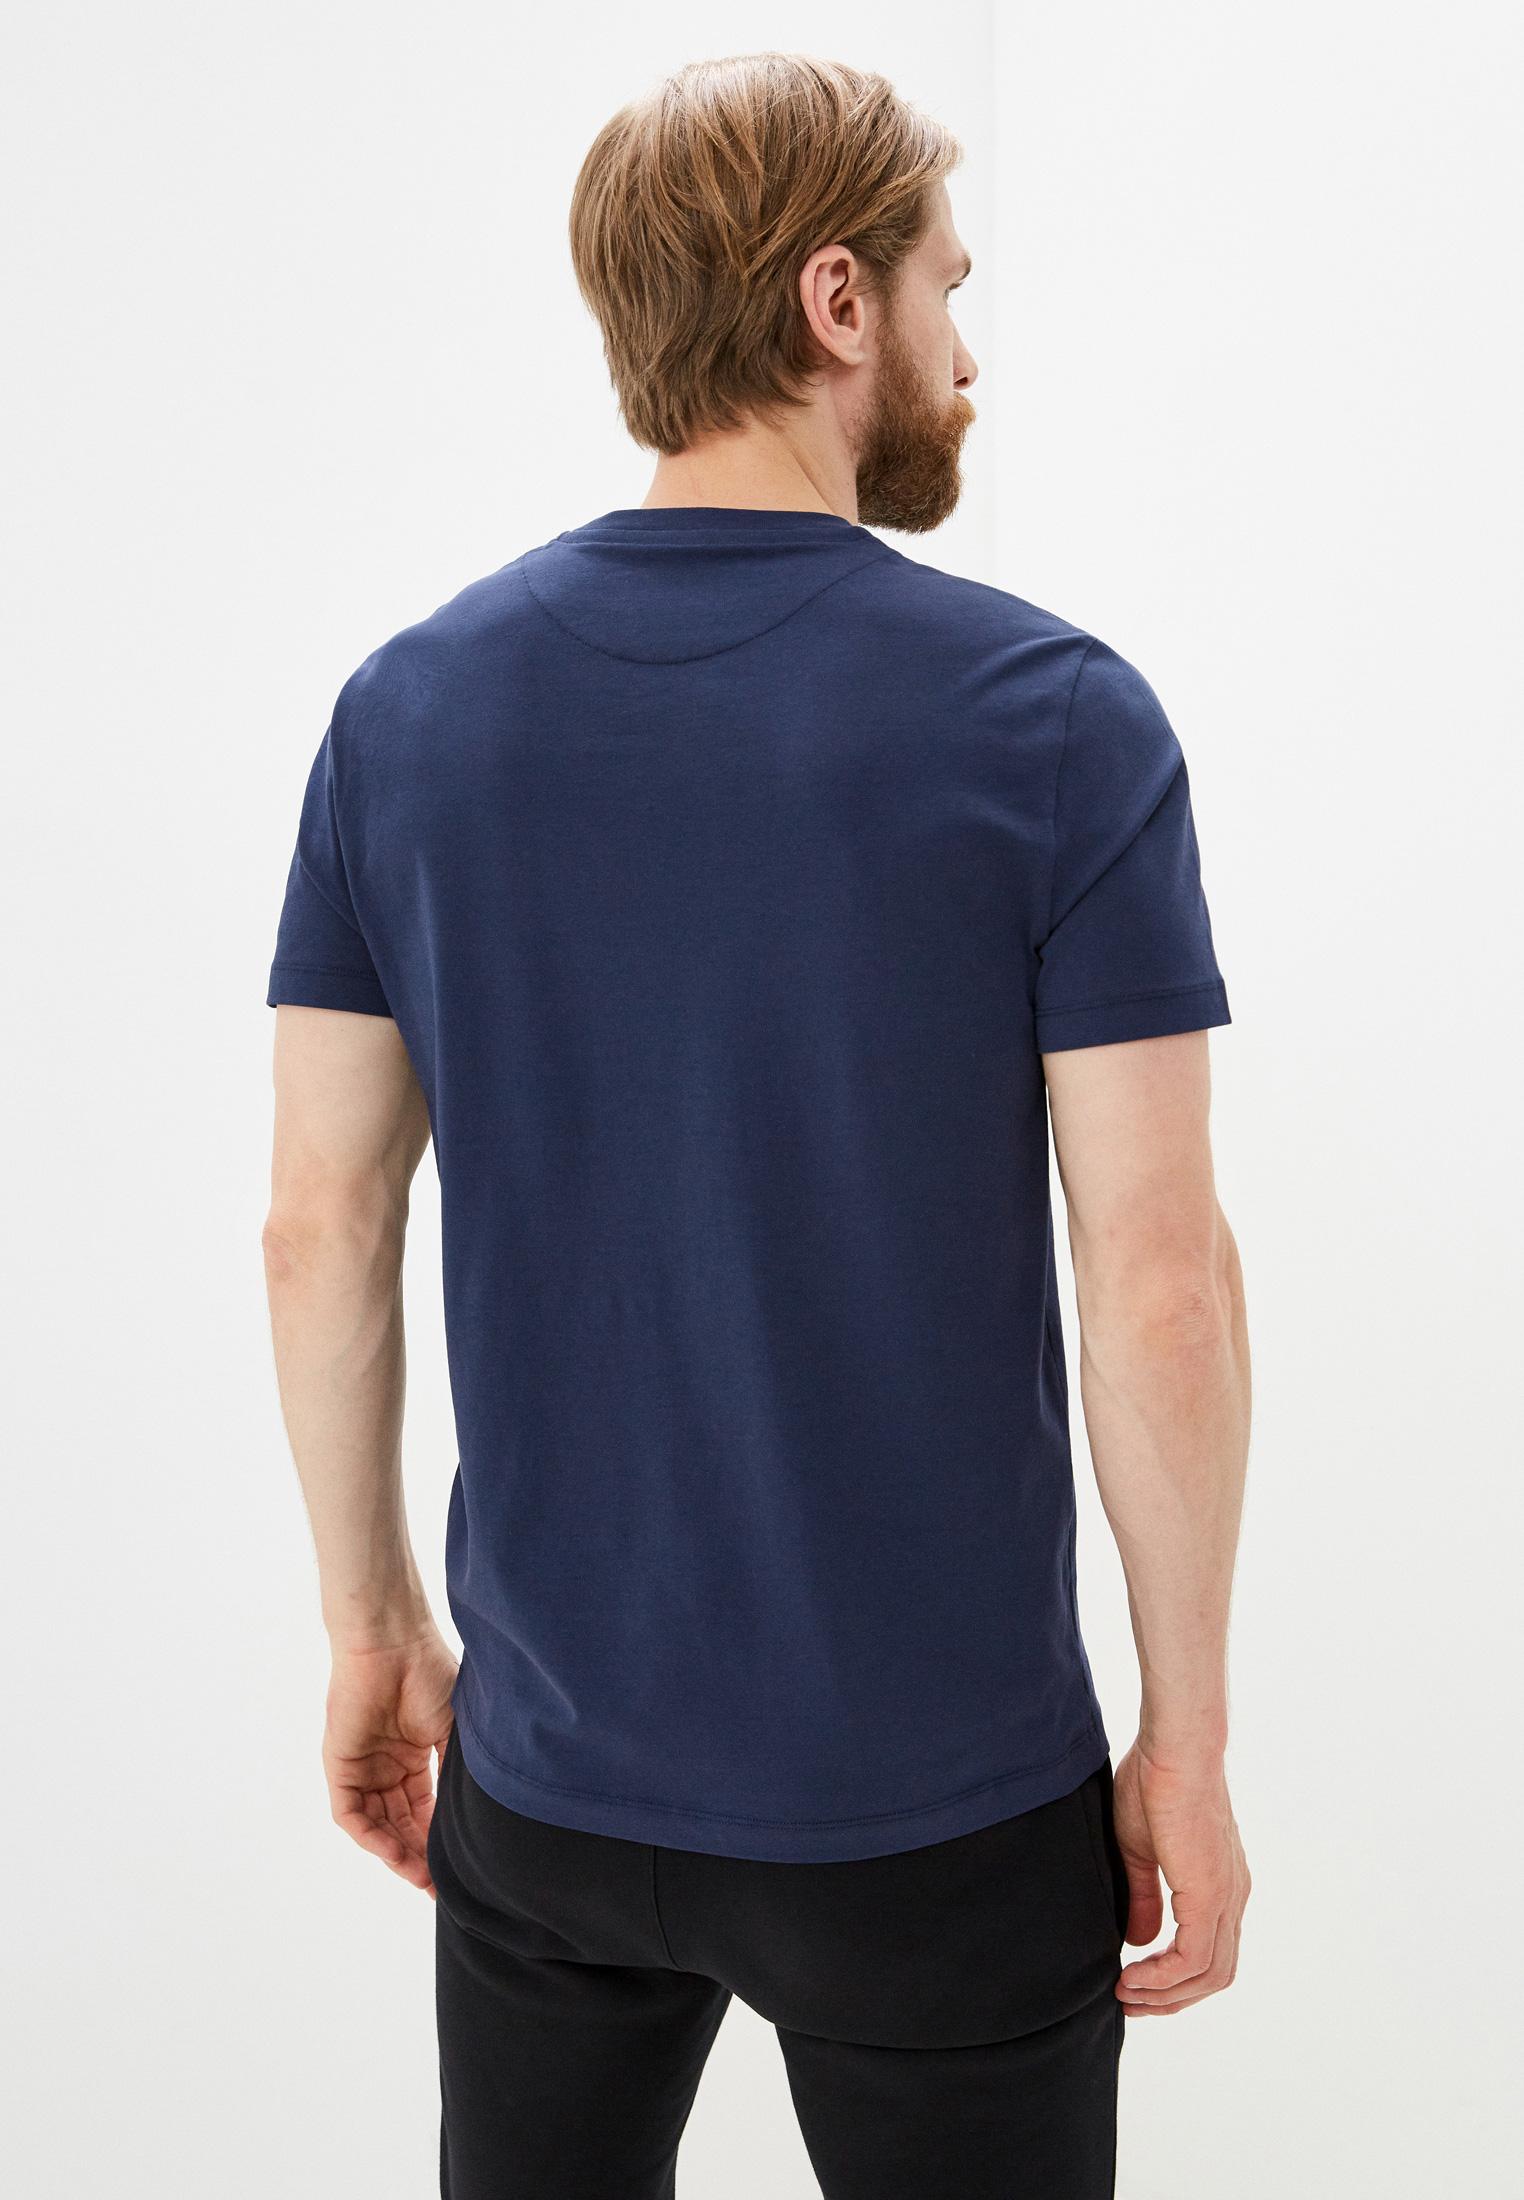 Мужская футболка Bikkembergs (Биккембергс) C 4 101 17 E 1811: изображение 9